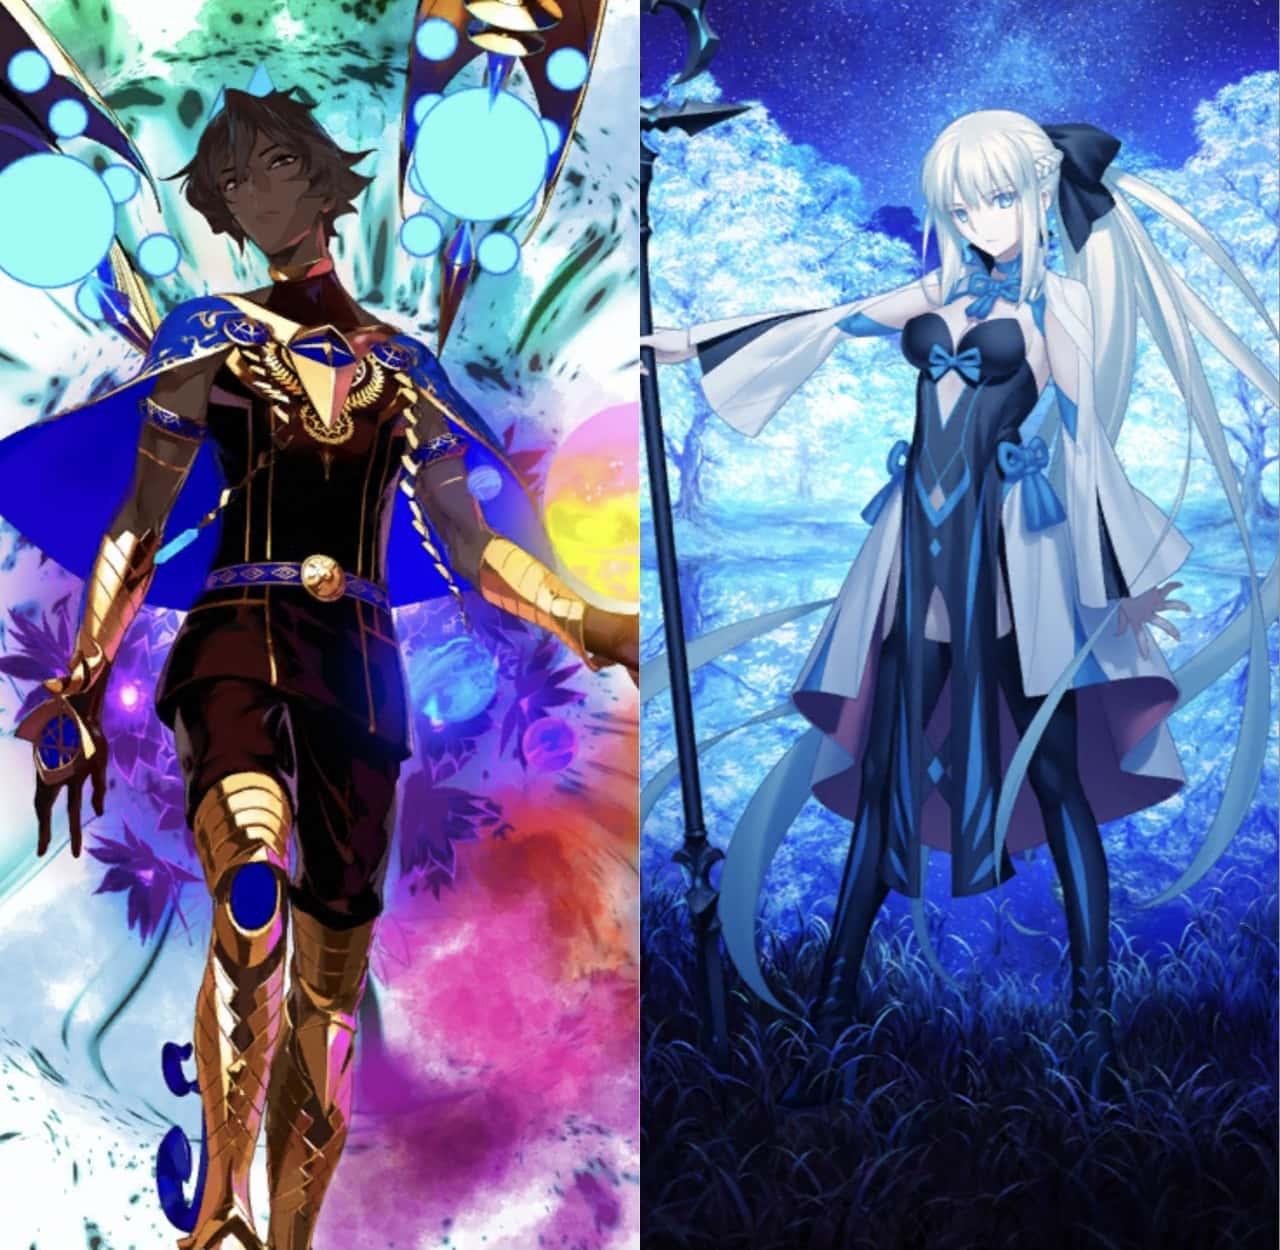 Fate/Grand Order バーサーカーBuster宝具なので神ジュナと比較されがちなモルガン、実際の性能はどう?